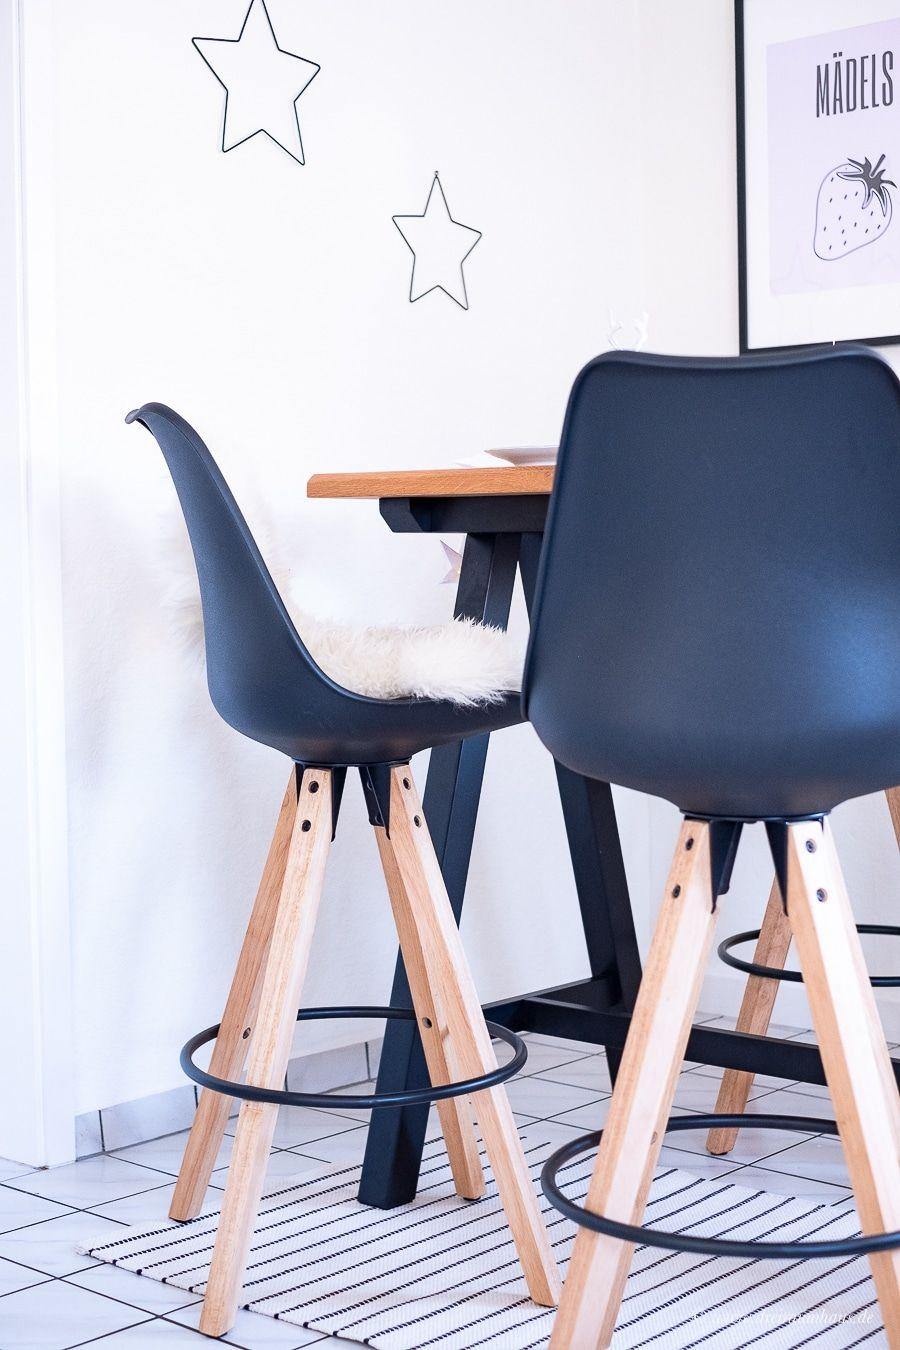 Küchenecke und Tisch-Dekoration im Dekosamstag: Wie ein Bartisch mit Barhockern hervorragend als Ecke in der Küche funktioniert! Dänisches Bettenlager!